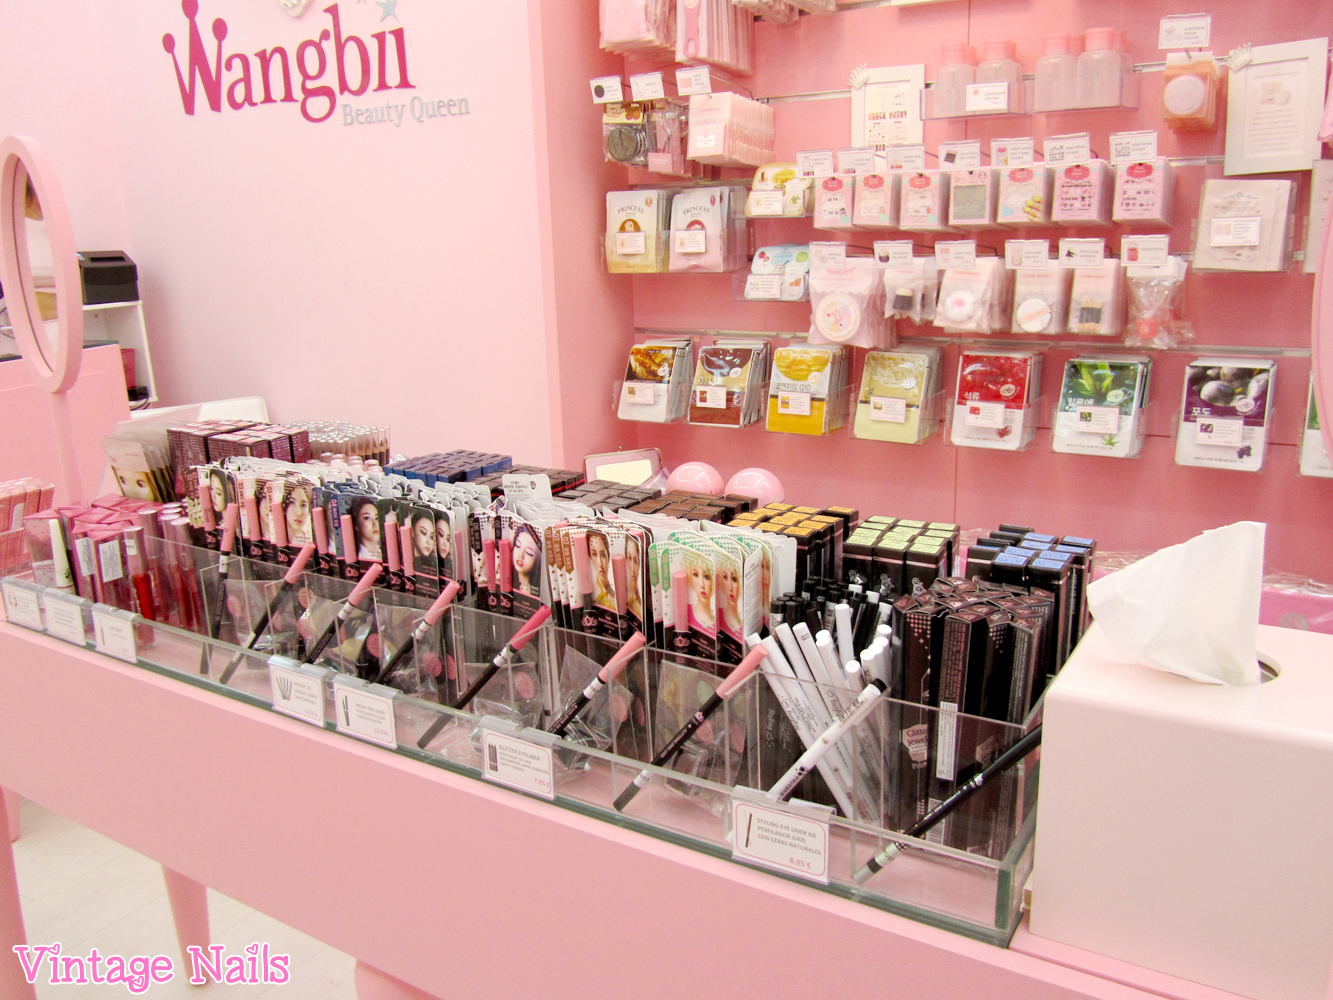 Wangbii tienda de cosm tica coreana en madrid vintage nails - Productos de decoracion ...